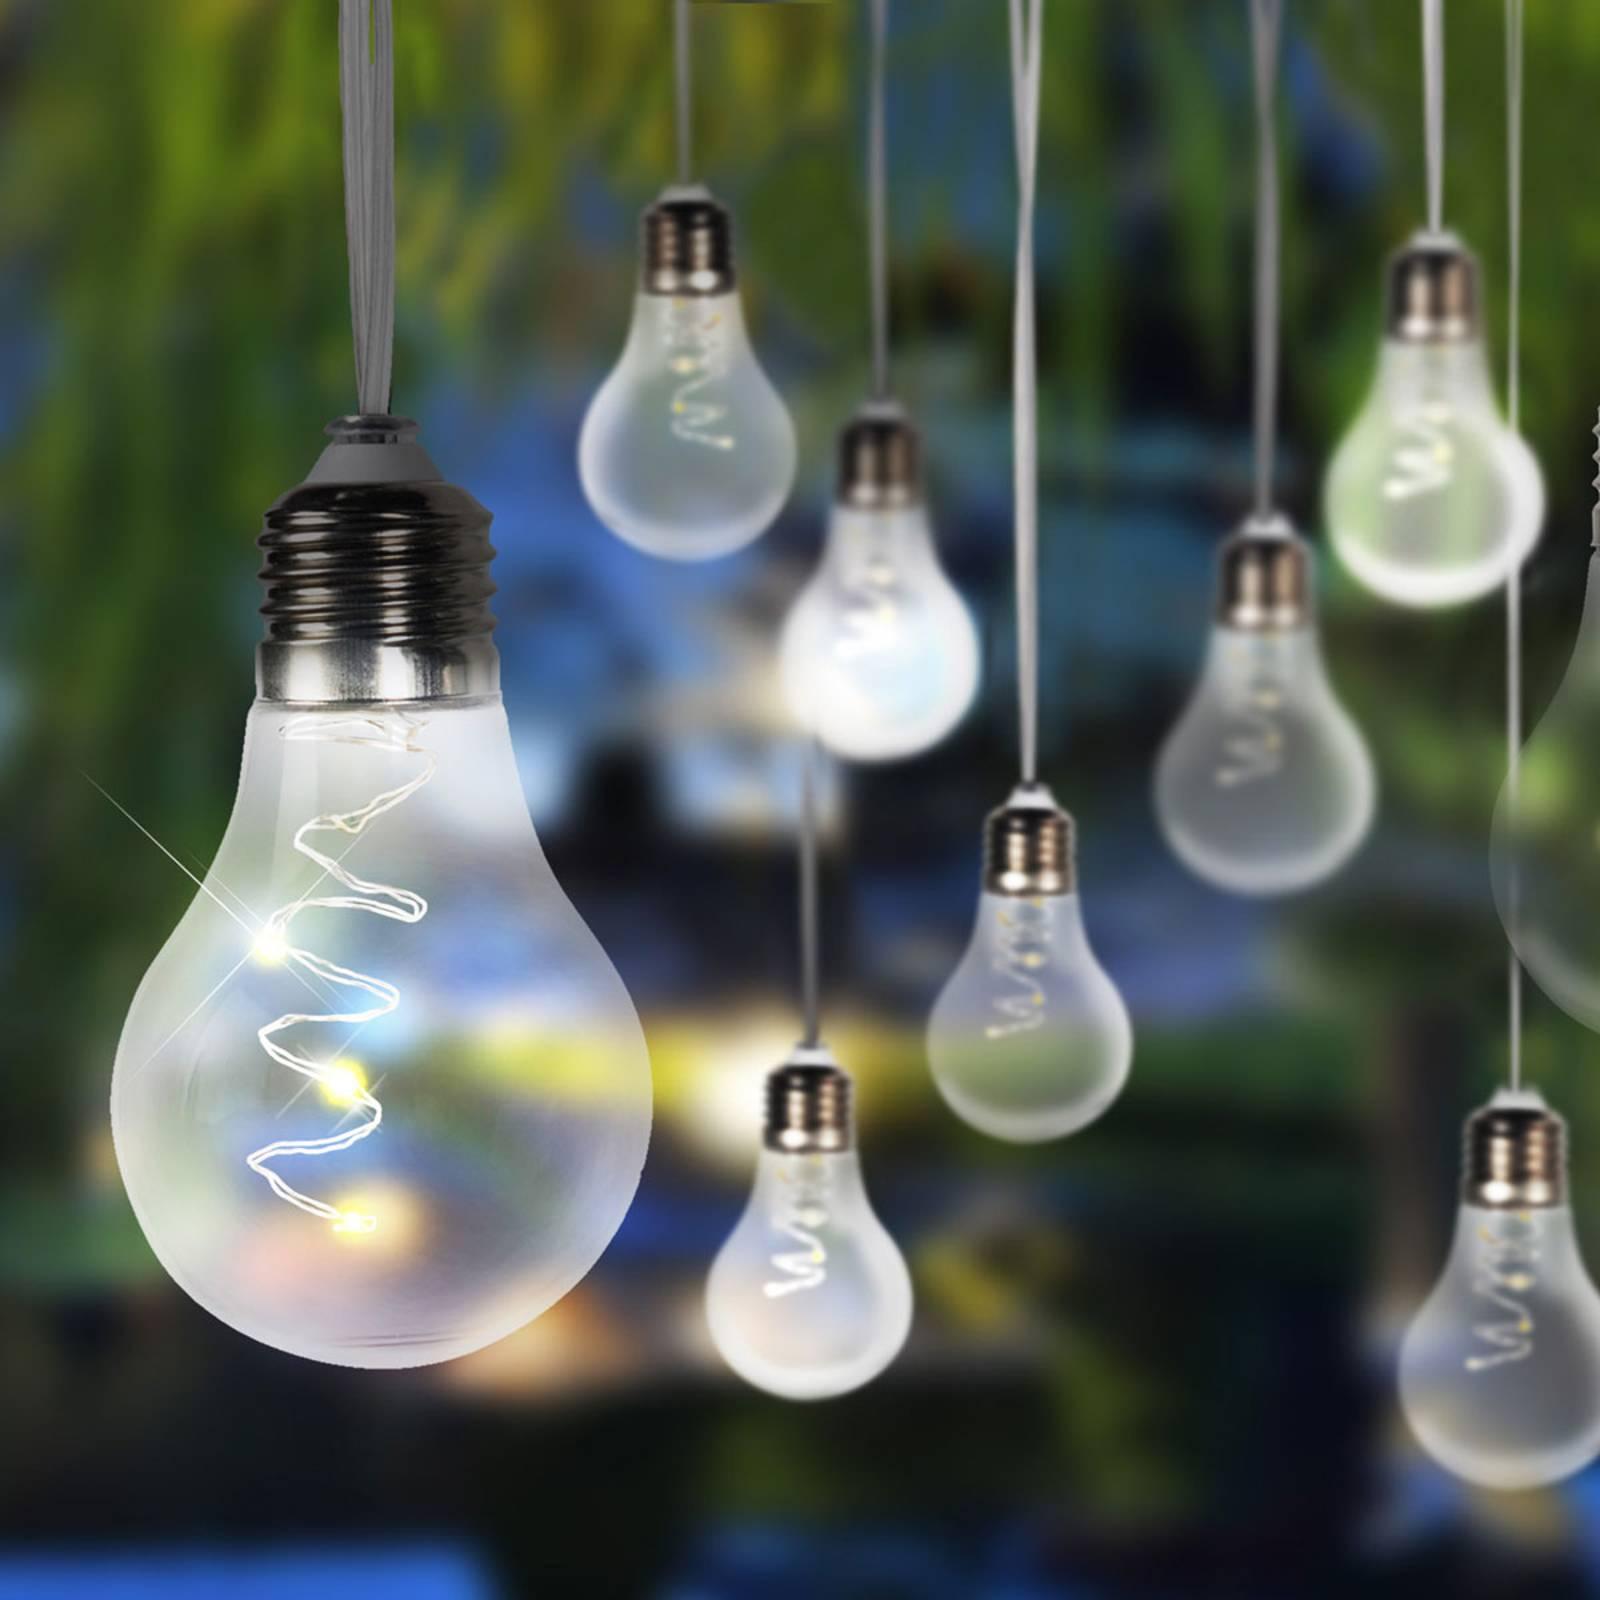 Solarny łańcuch świetlny LED 33708-10 srebrny